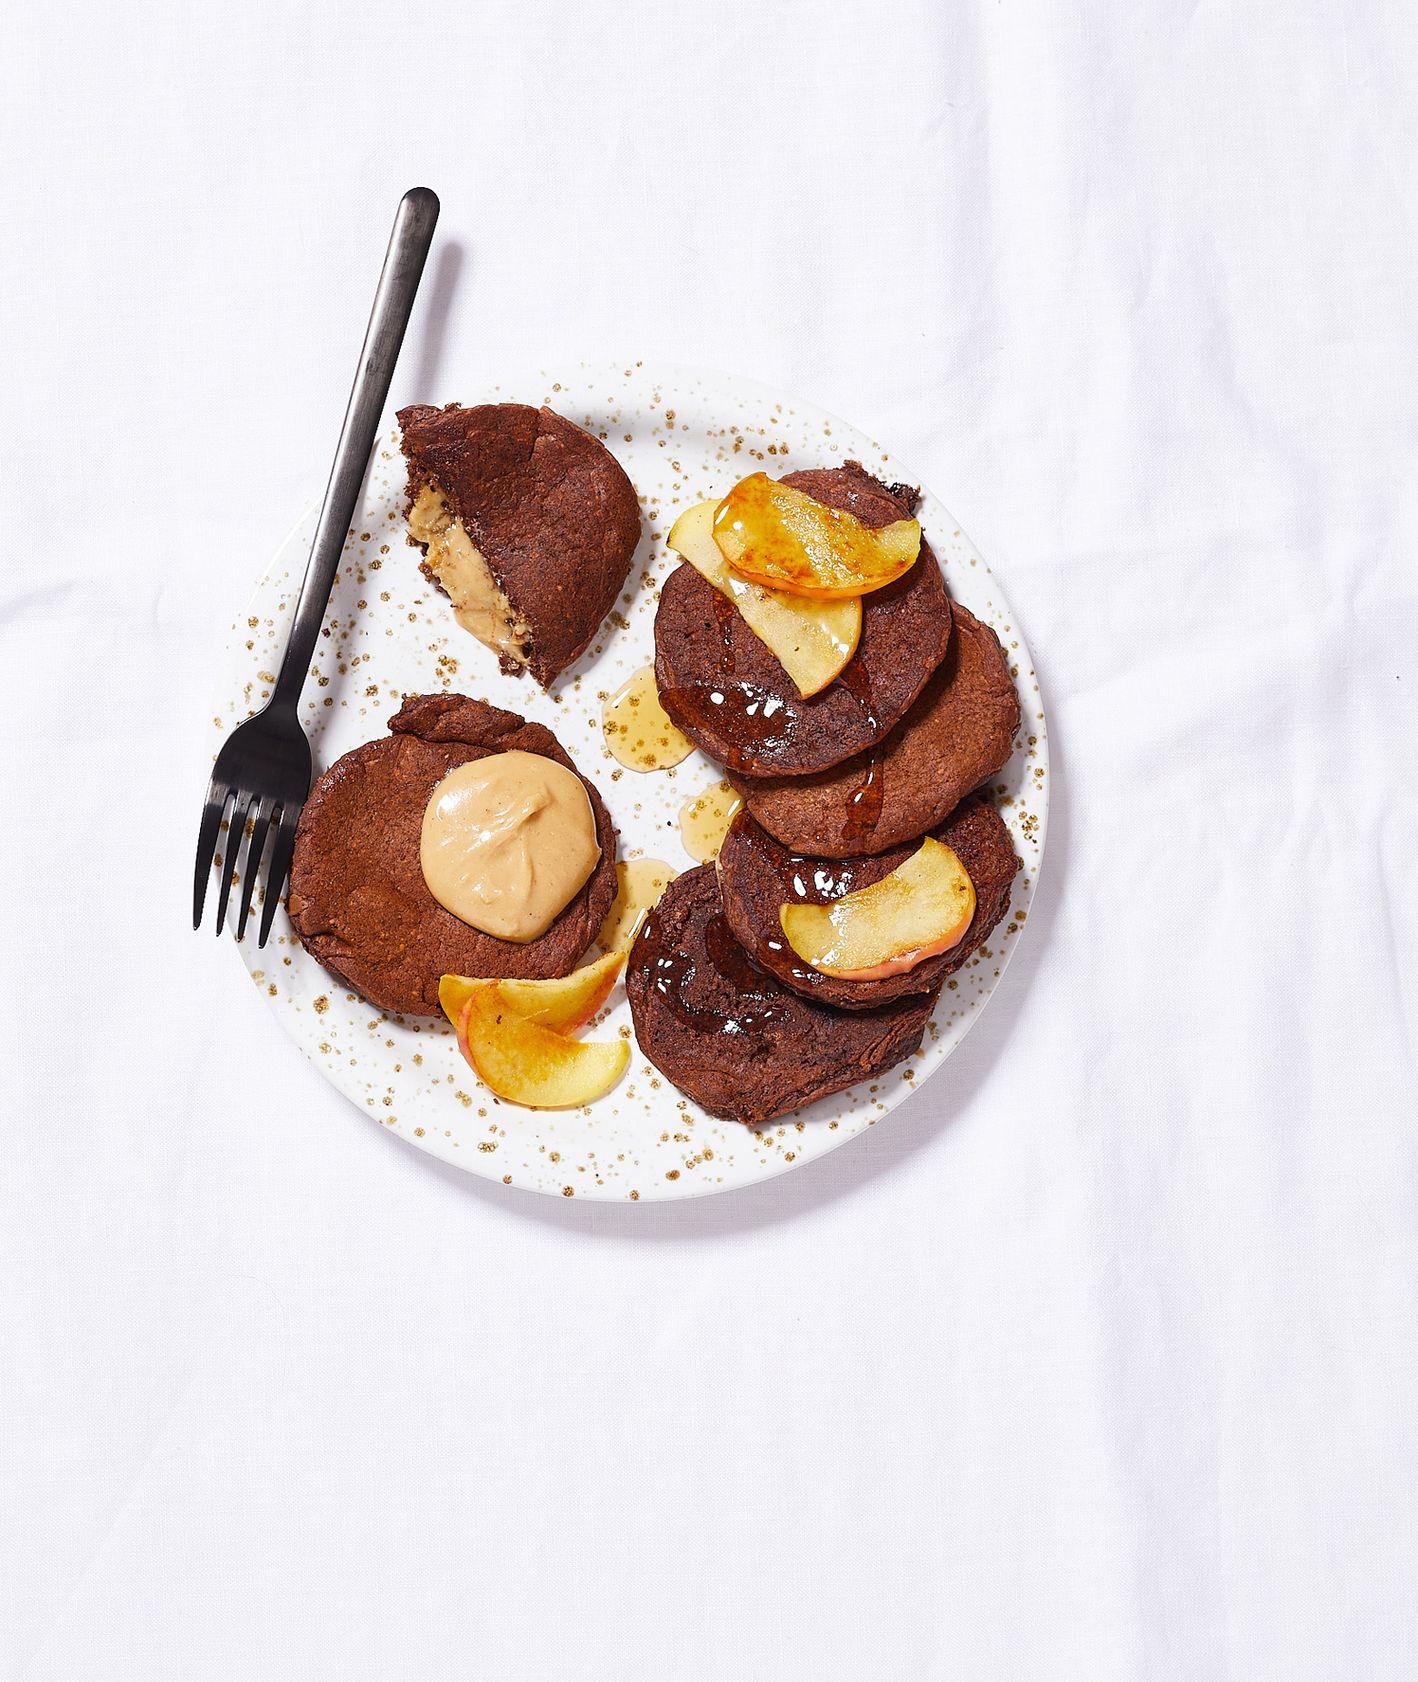 Wege śniadania słodkie. Czekoladowe pankejki z nadzieniem karmelowym (fot. Maciek Niemojewski)